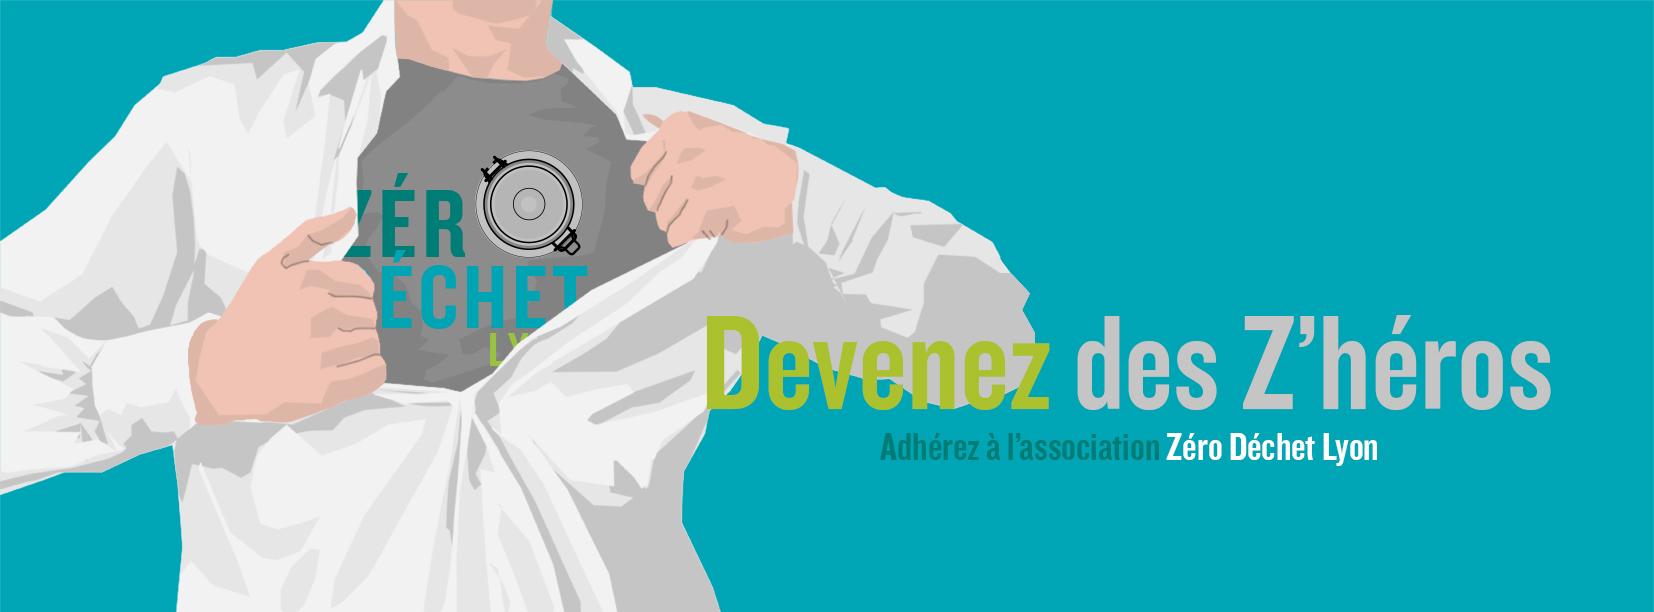 Adhésion à l'association Zéro Déchet Lyon - Zéro Déchet Lyon